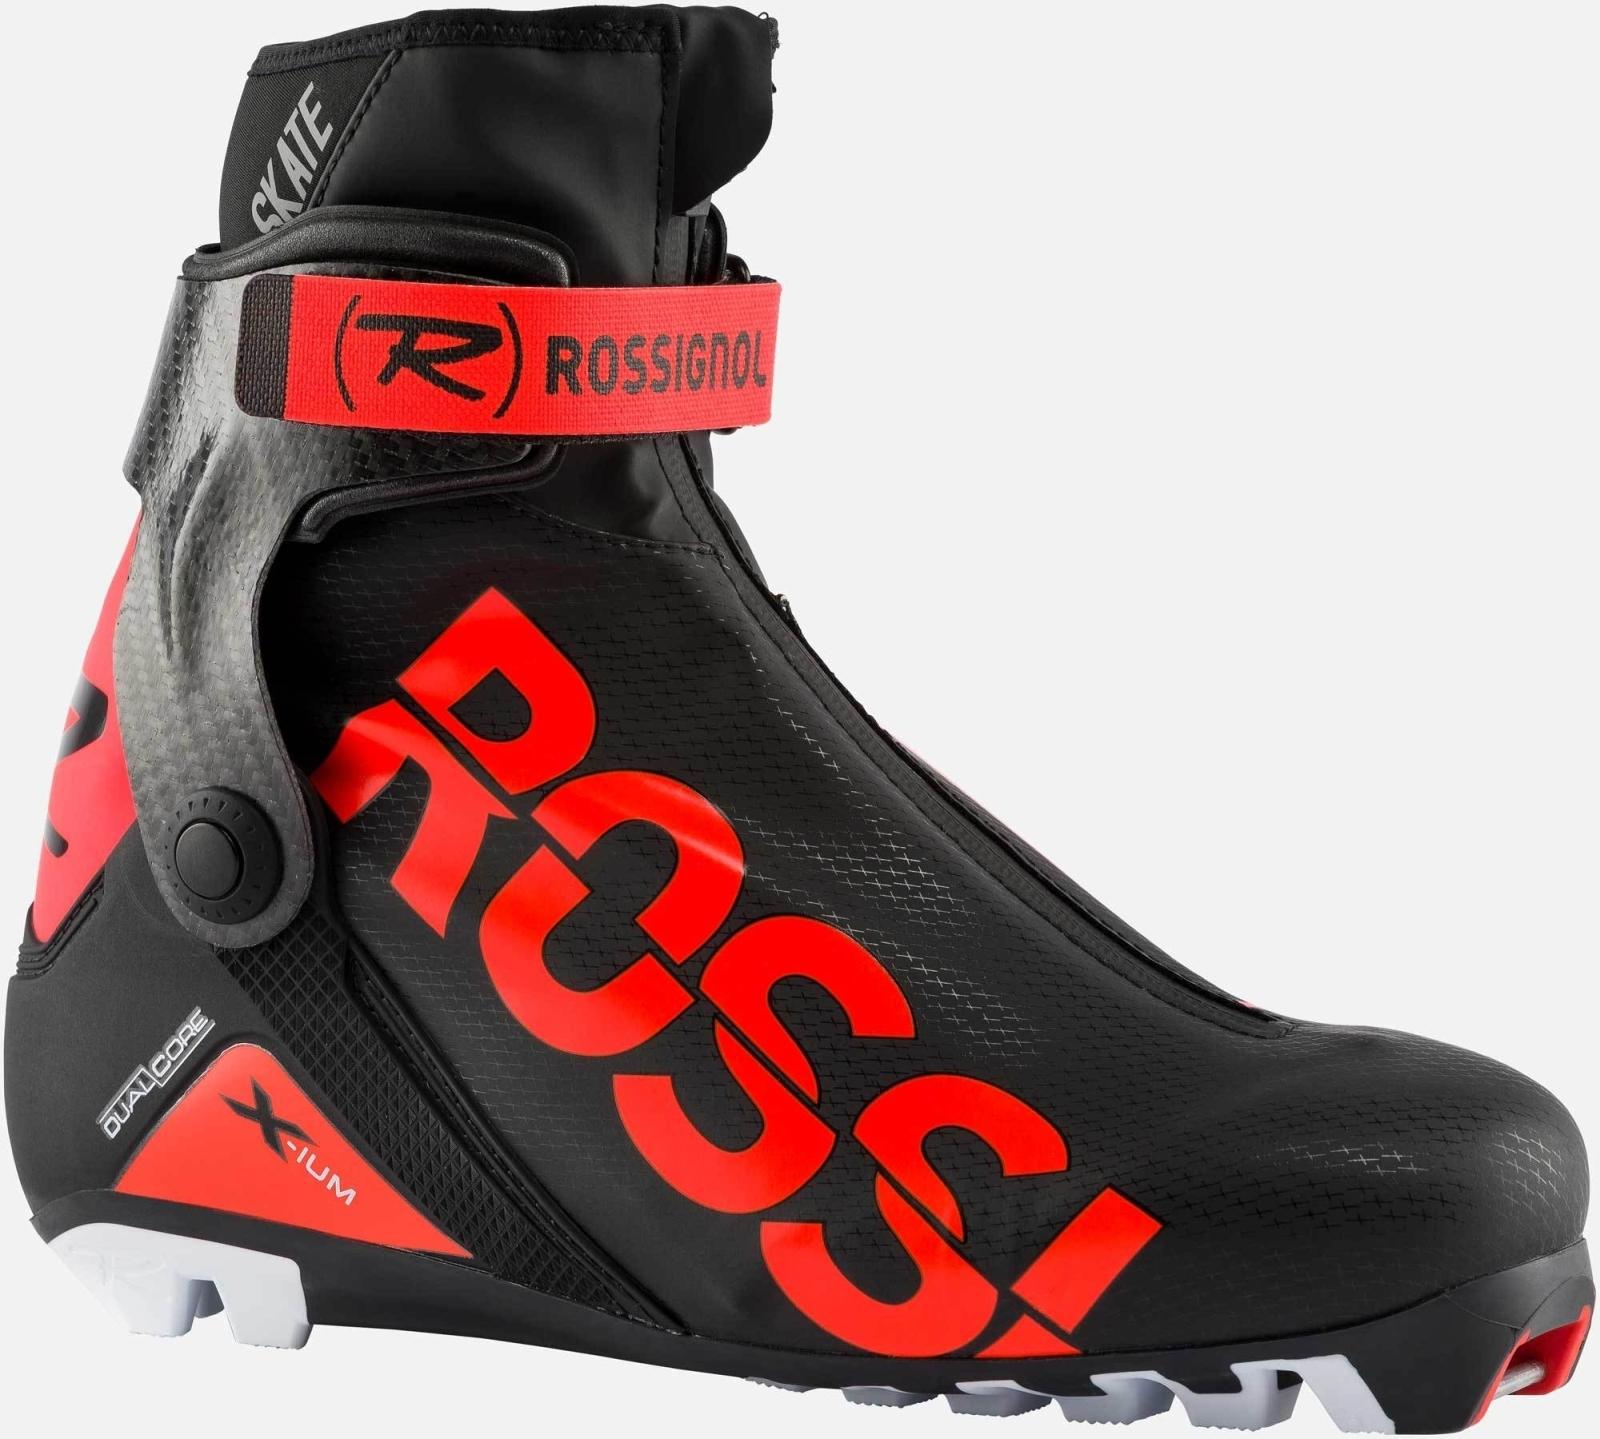 Rossignol X-Ium Skate 43